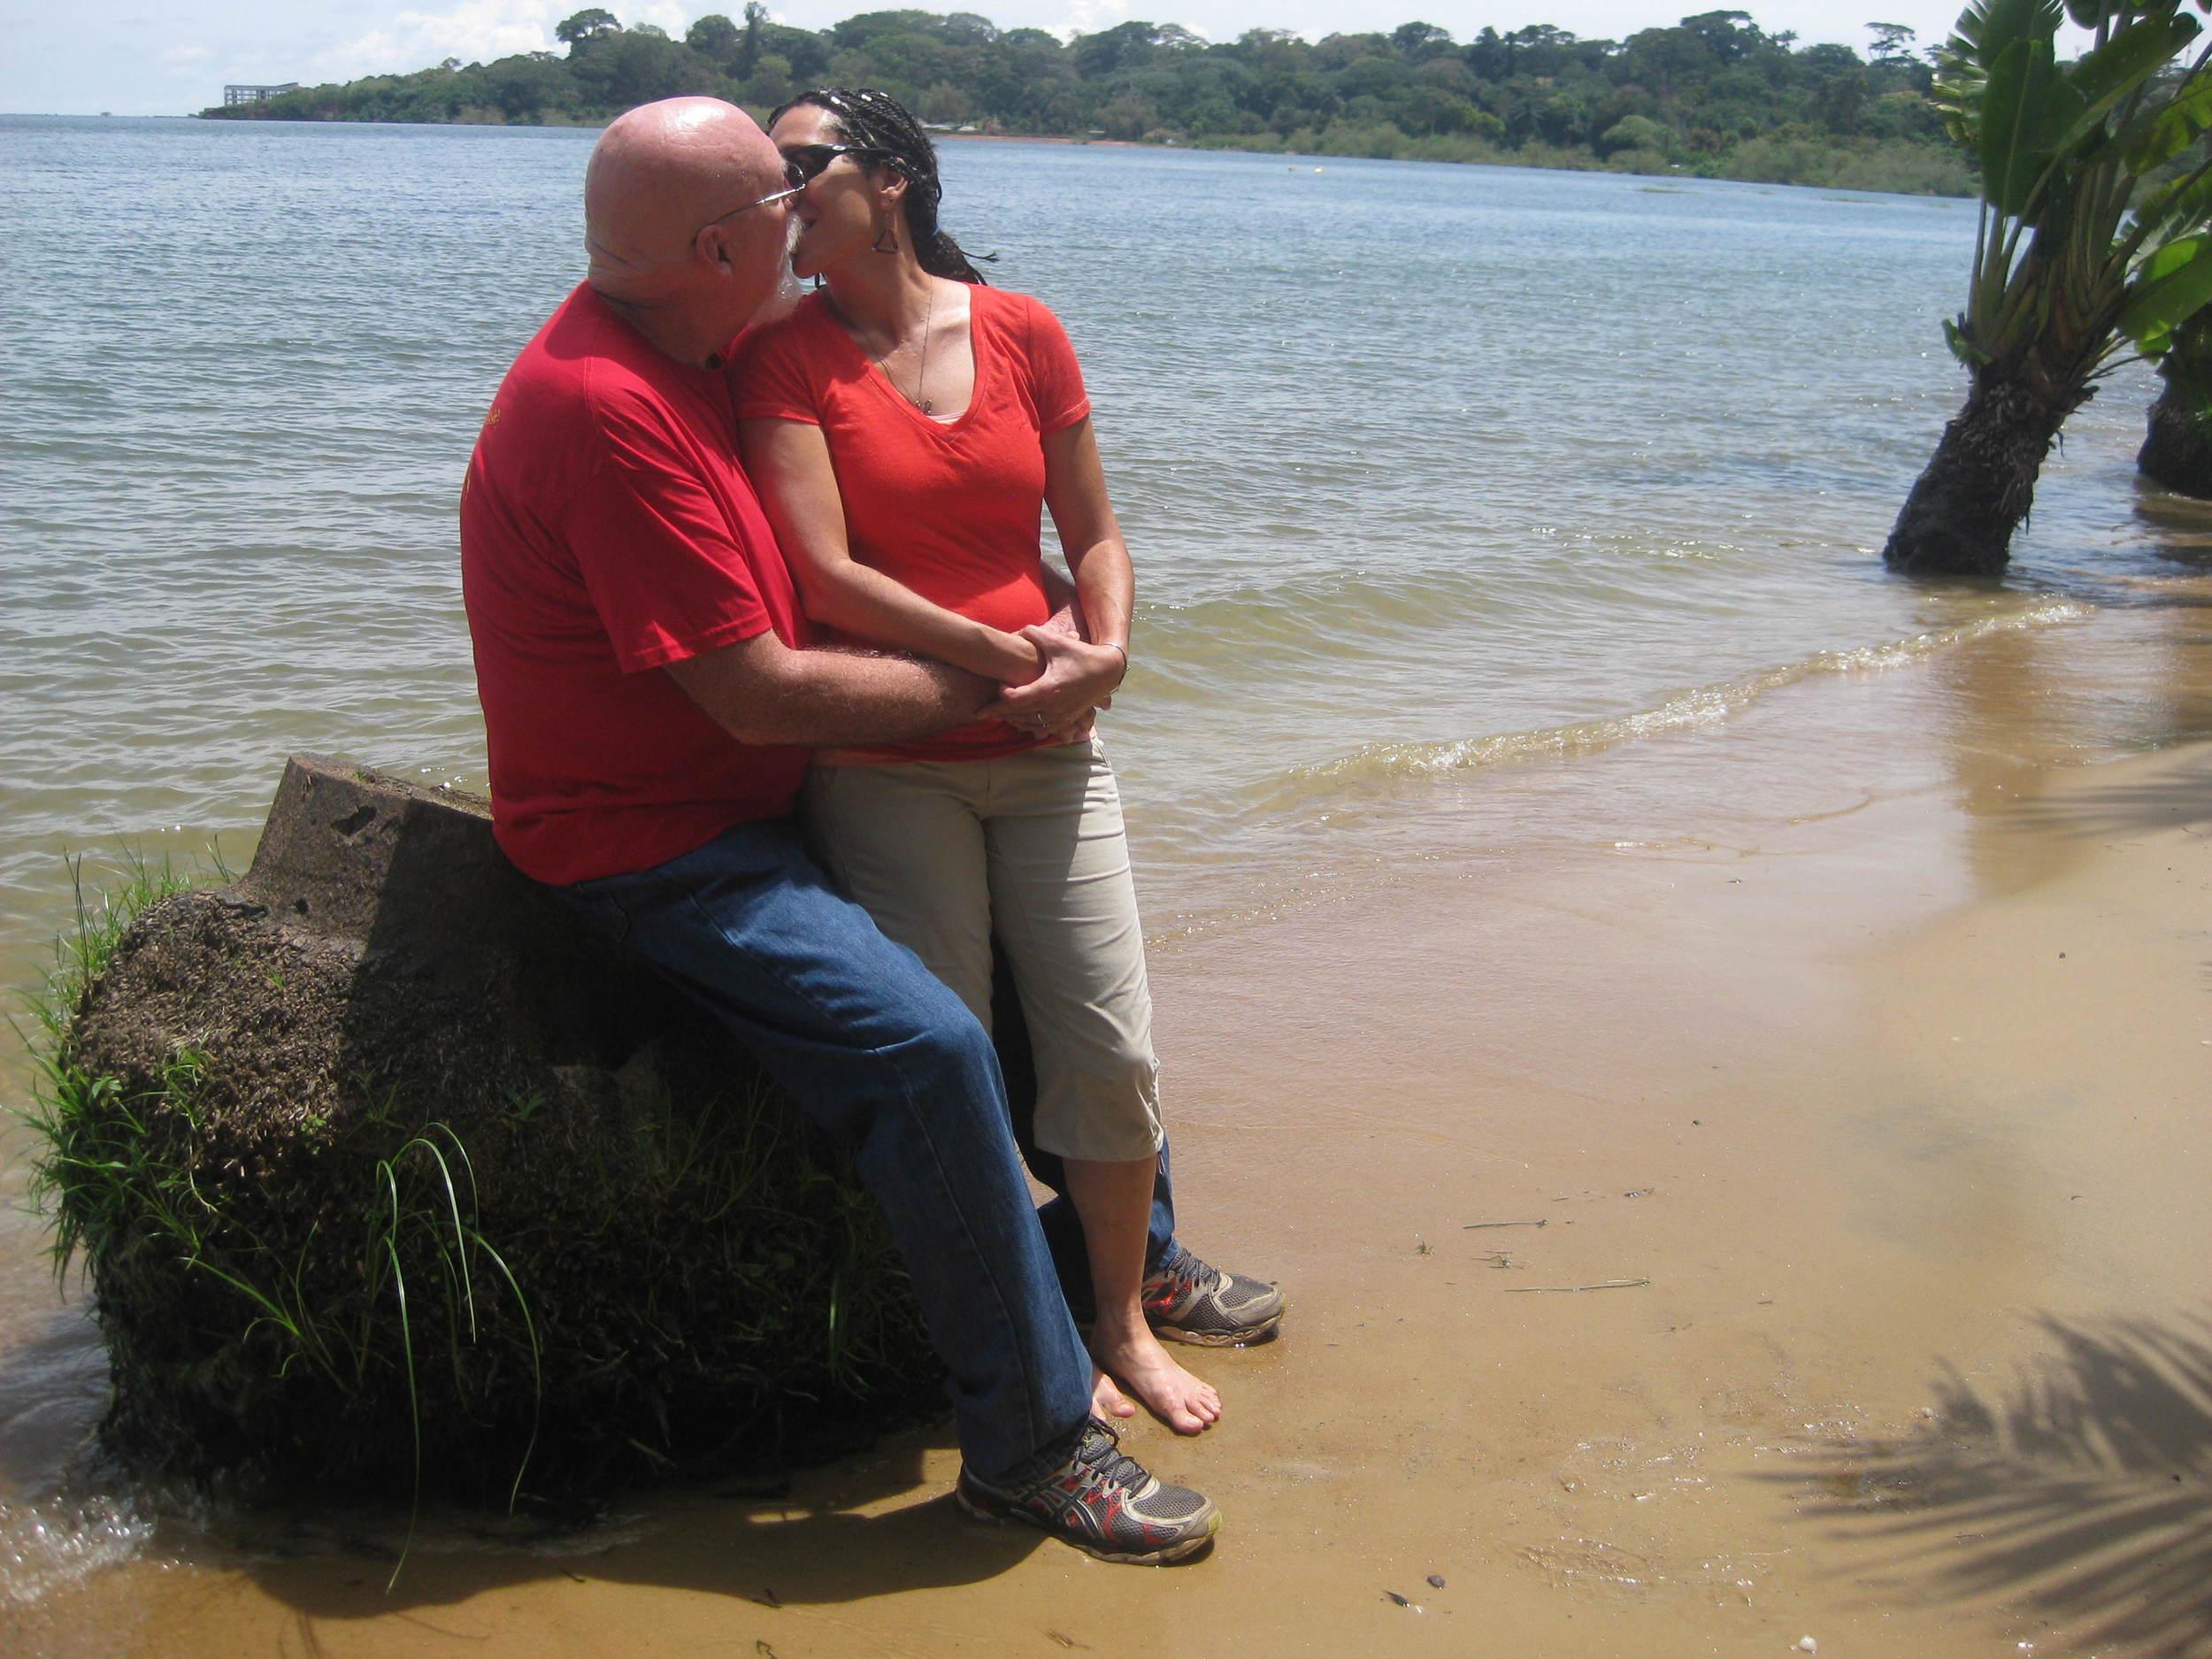 lakeside kiss.JPG